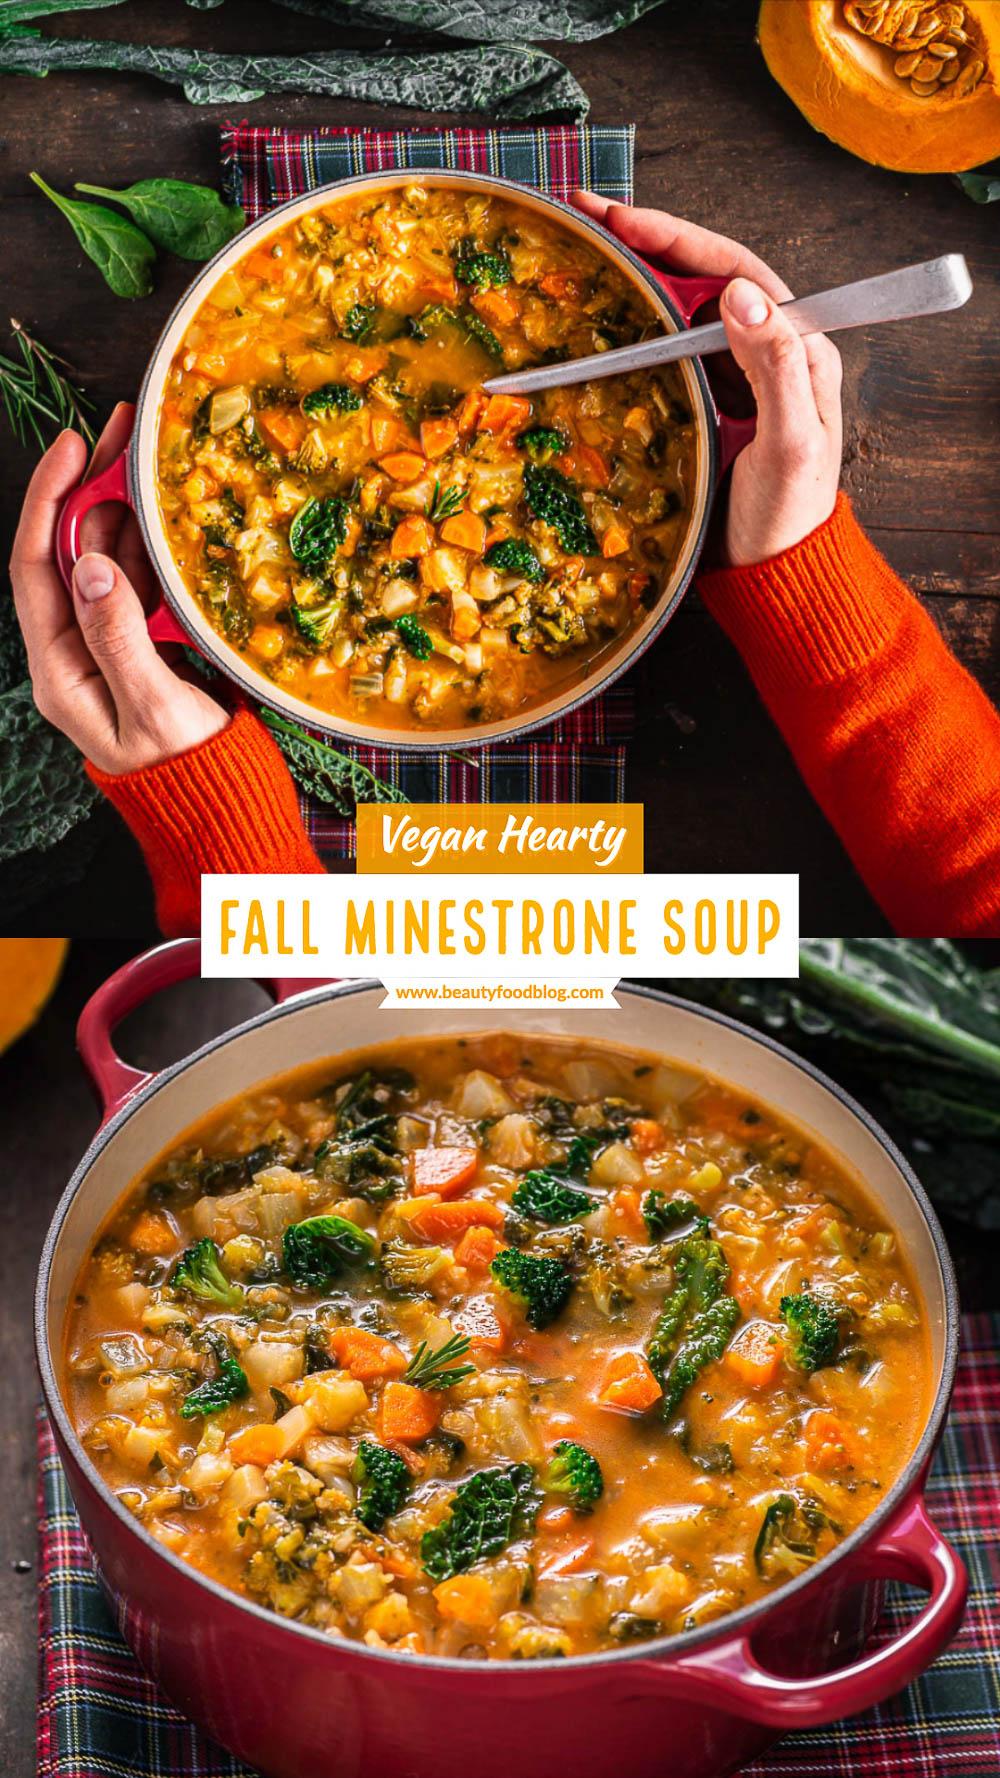 Italian Hearty fall minestrone soup recipe with pumpkin broccoli cavolo toscano Ricetta minestrone di verdure autunnale con zucca e cavolo toscano zuppa di verdure